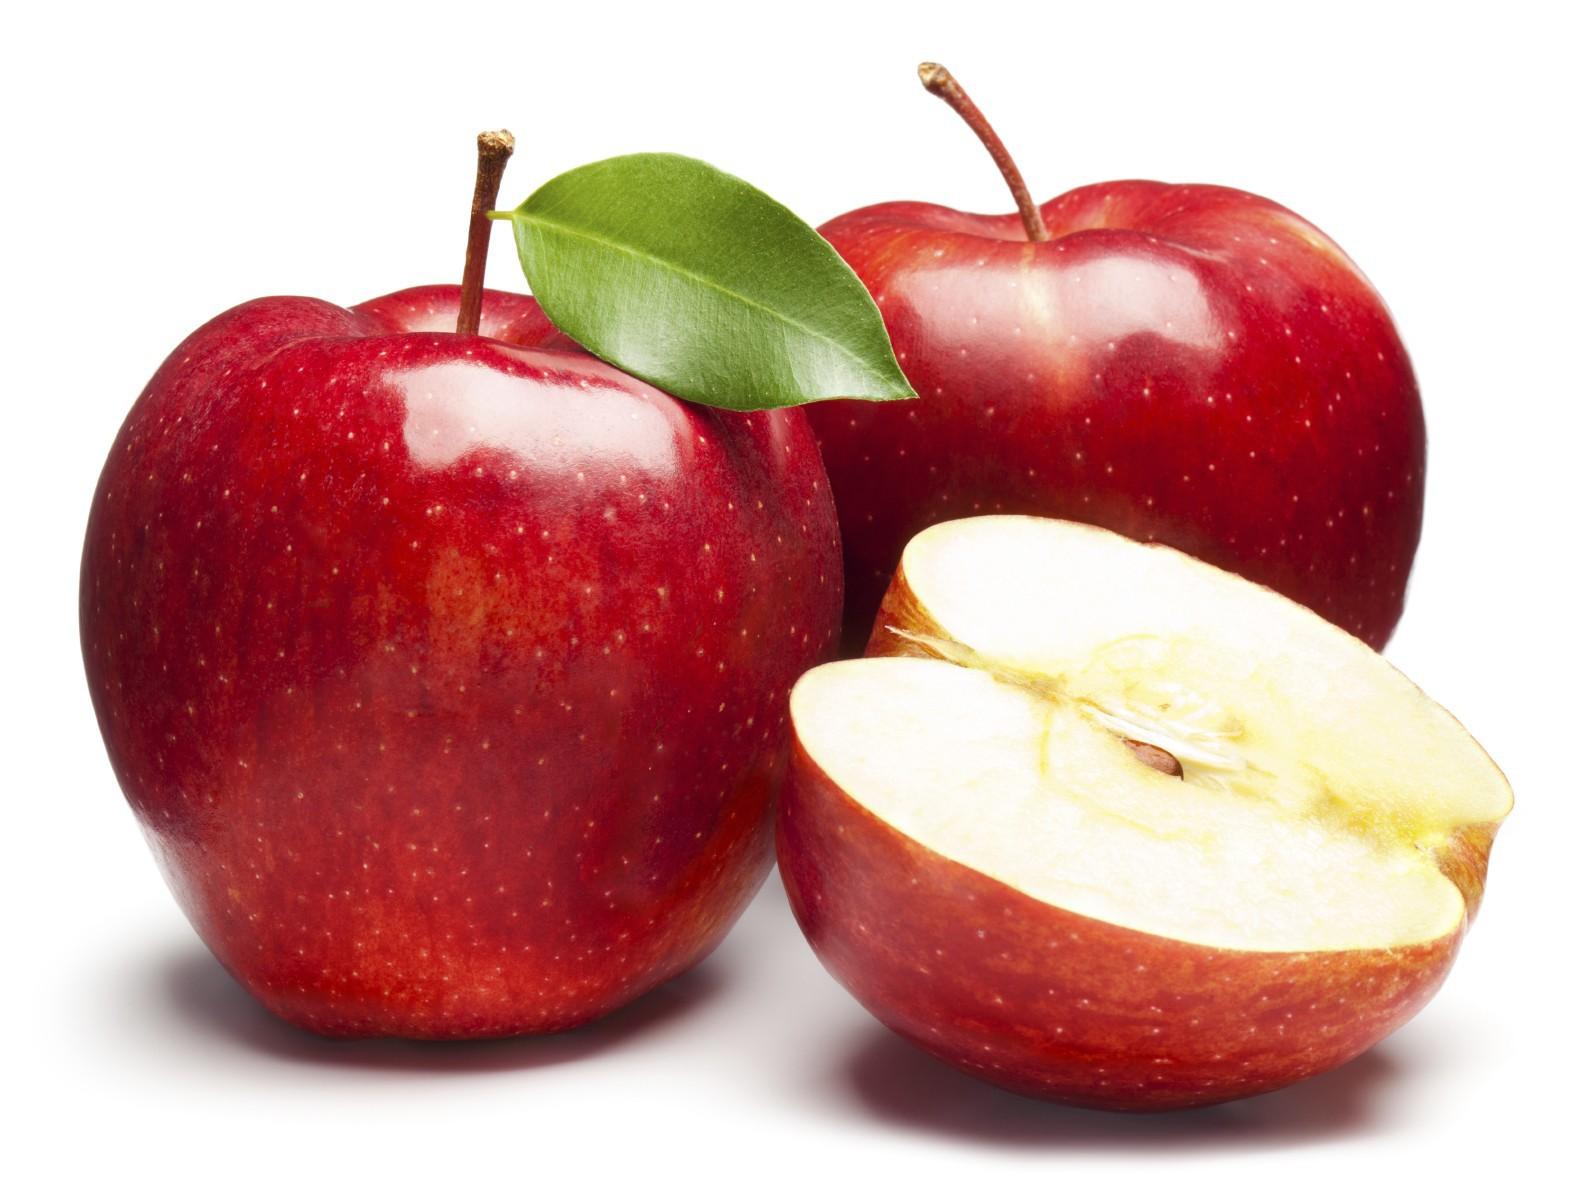 Cooperativa Frumosul de Voineşti intră cu mere în Profi şi Carrefour